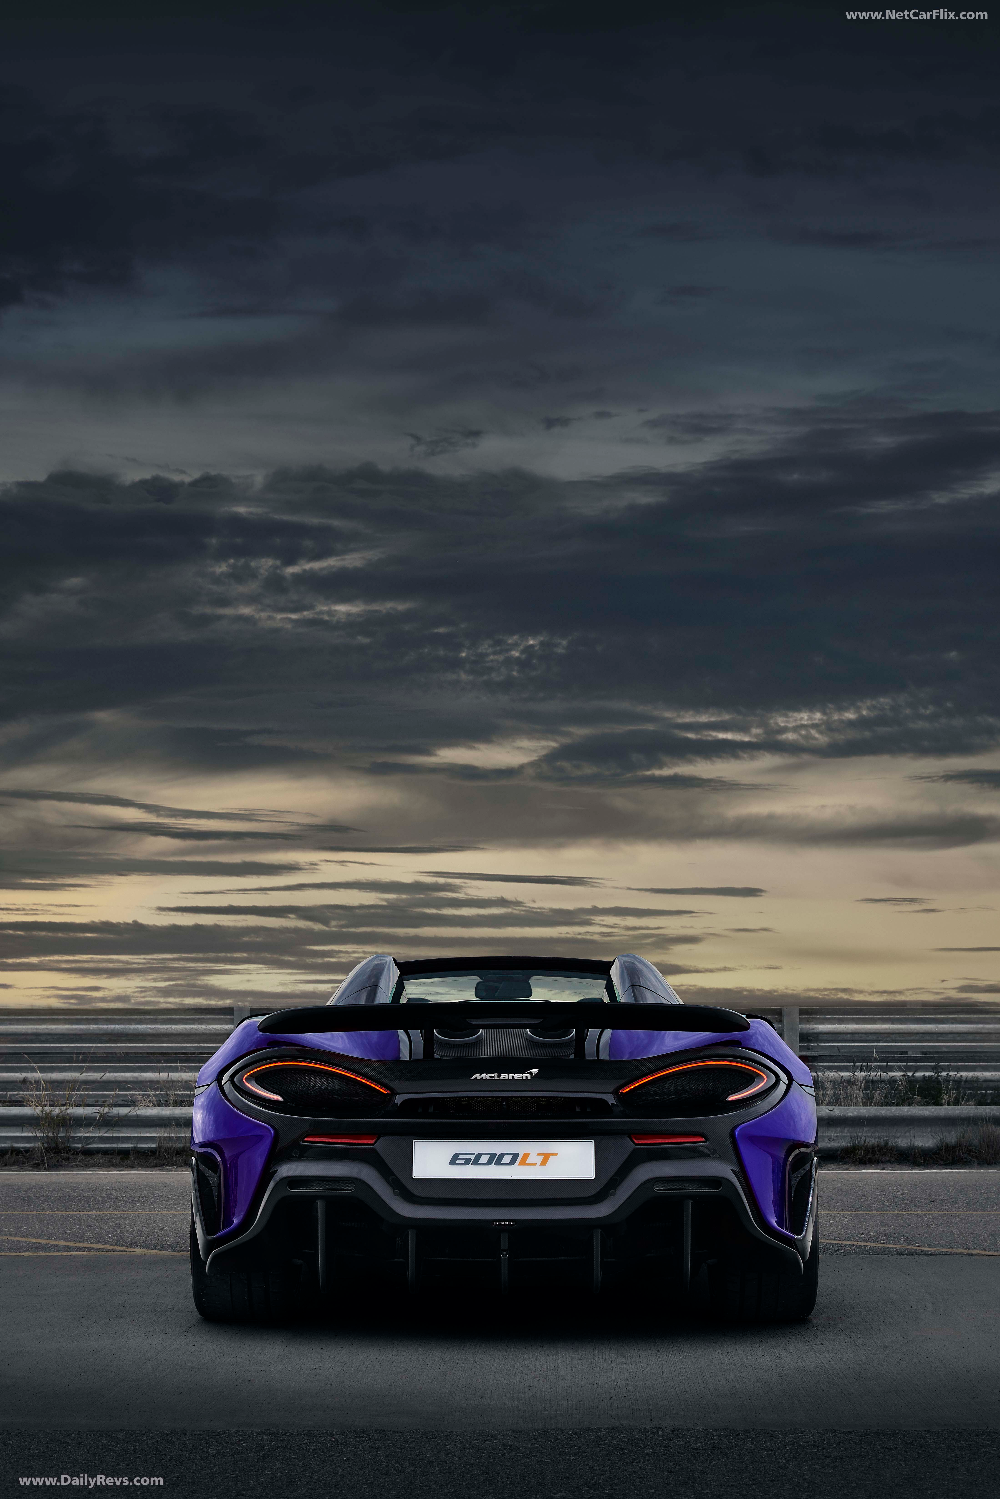 2020 McLaren 600LT Spider HD Pictures, Videos, Specs